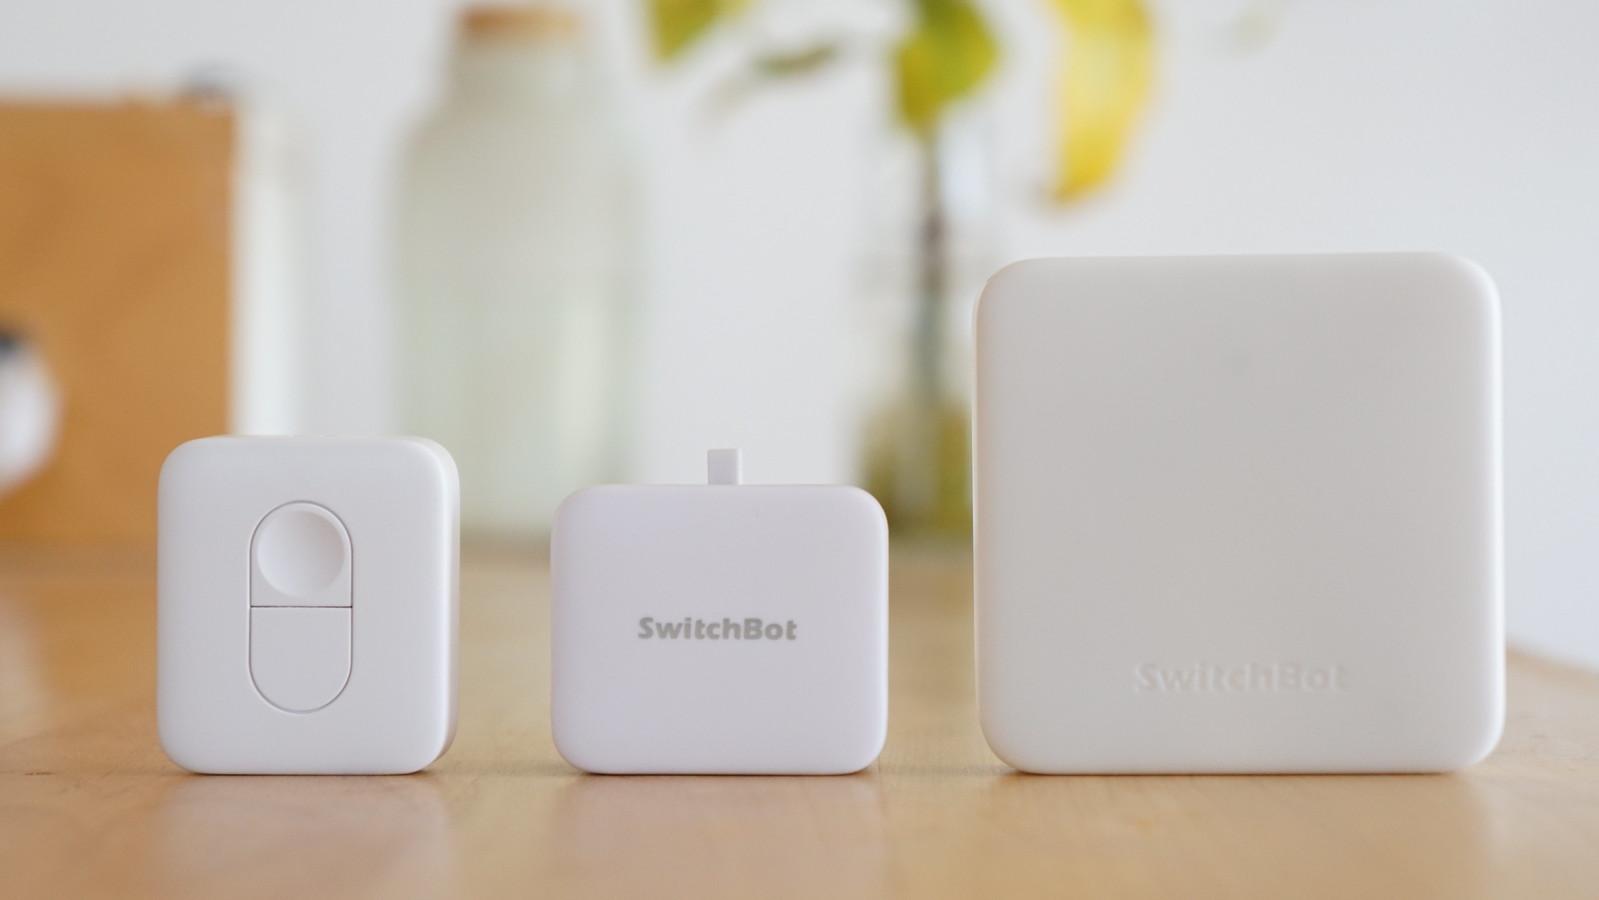 安くカンタンにスマートホーム化できる「SwitchBot」をレビュー